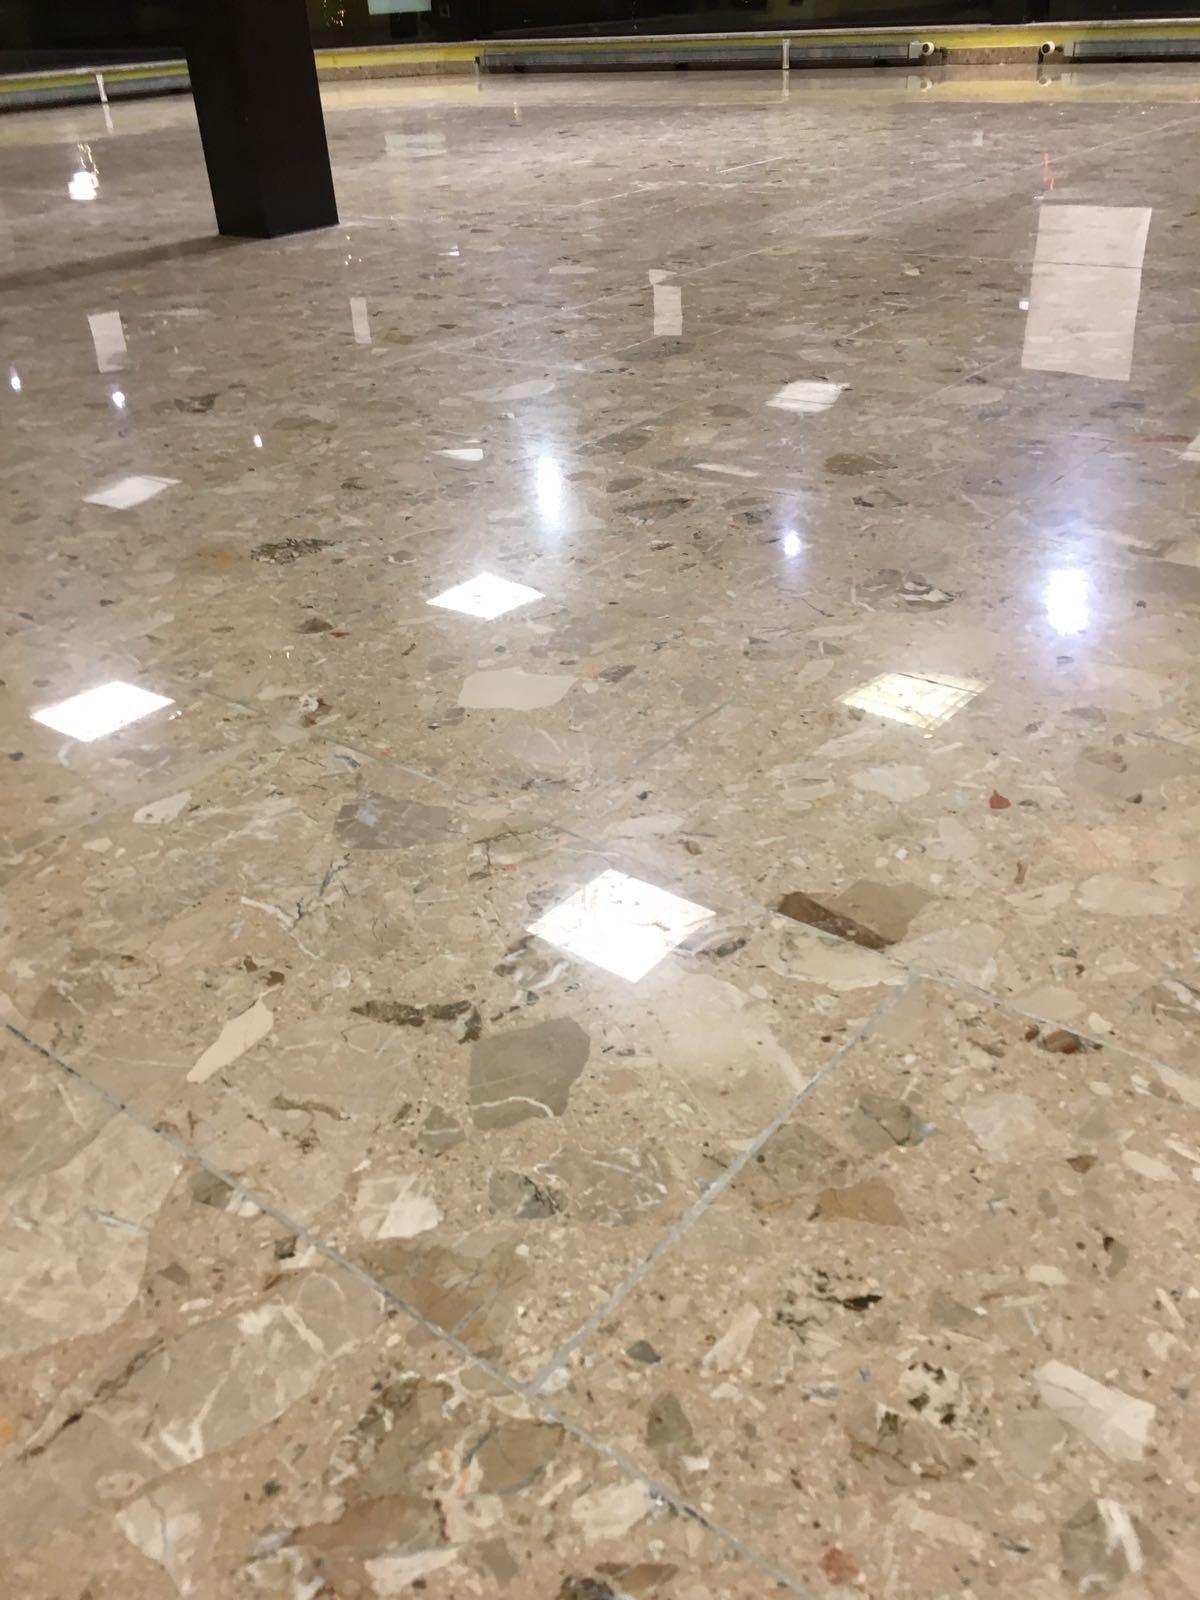 Seidenglanz Auf Agglo Marmor In Autohaus Bei Weiden Granit Granitfliesen Kalkstein